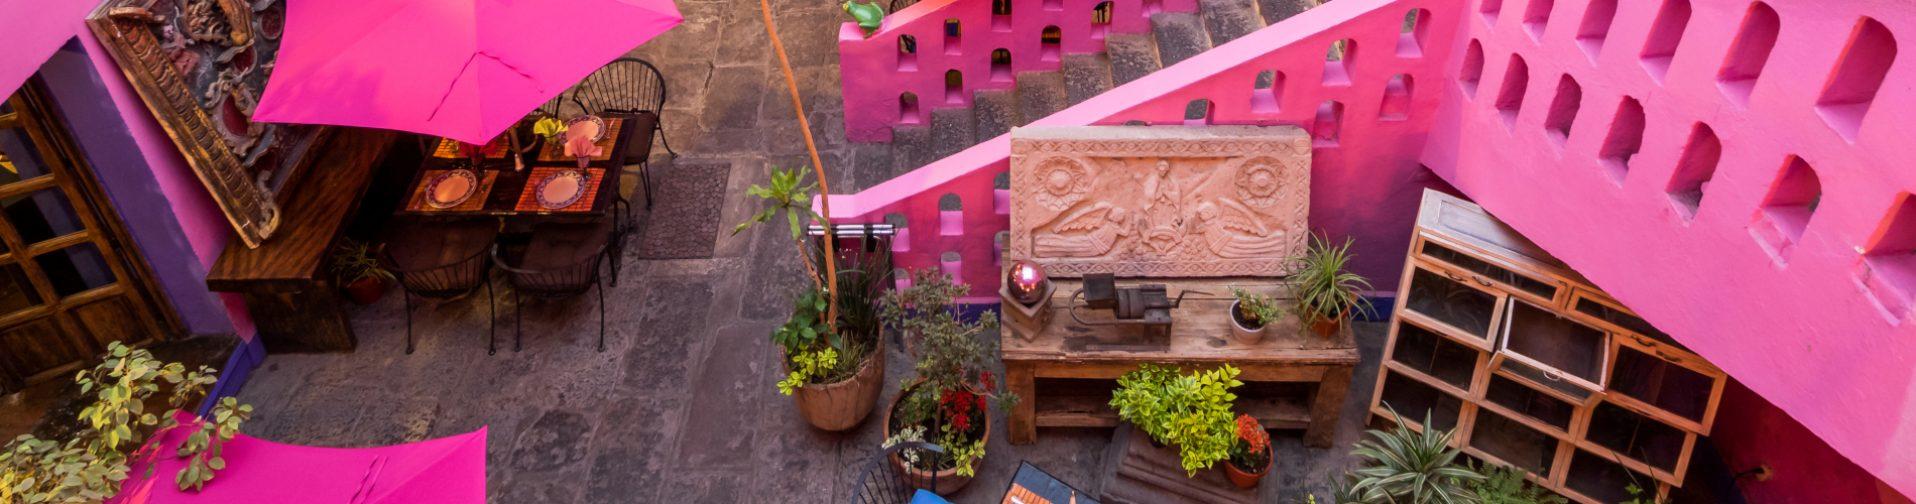 Hoteles Boutique en México